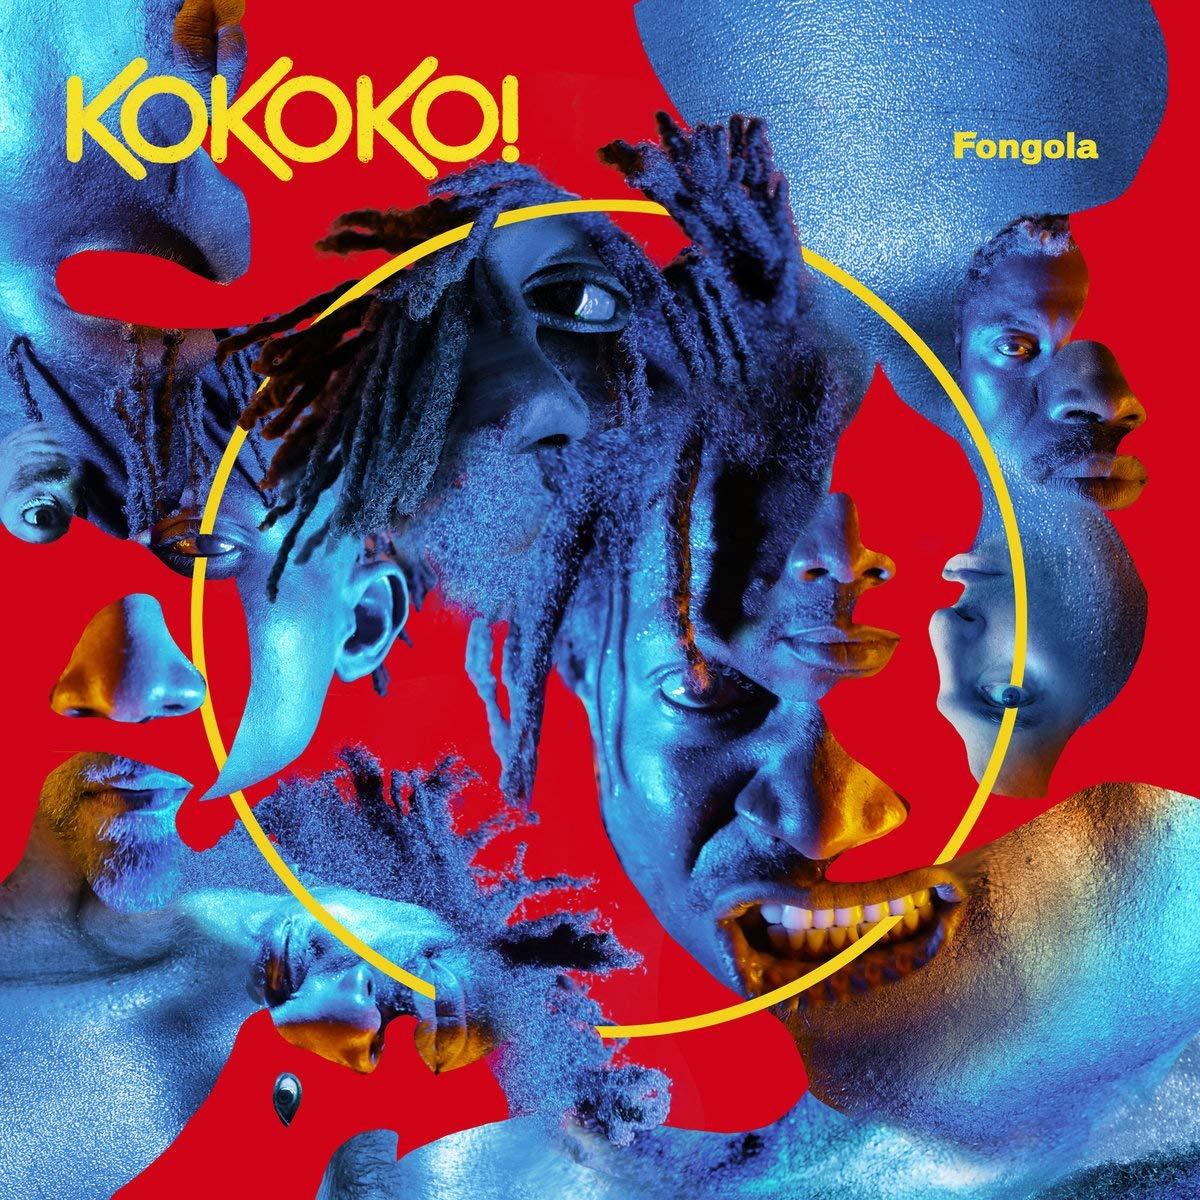 Fongola - Kokoko - Musik - ALTERNATIVE - 0044003213166 - 12/7-2019